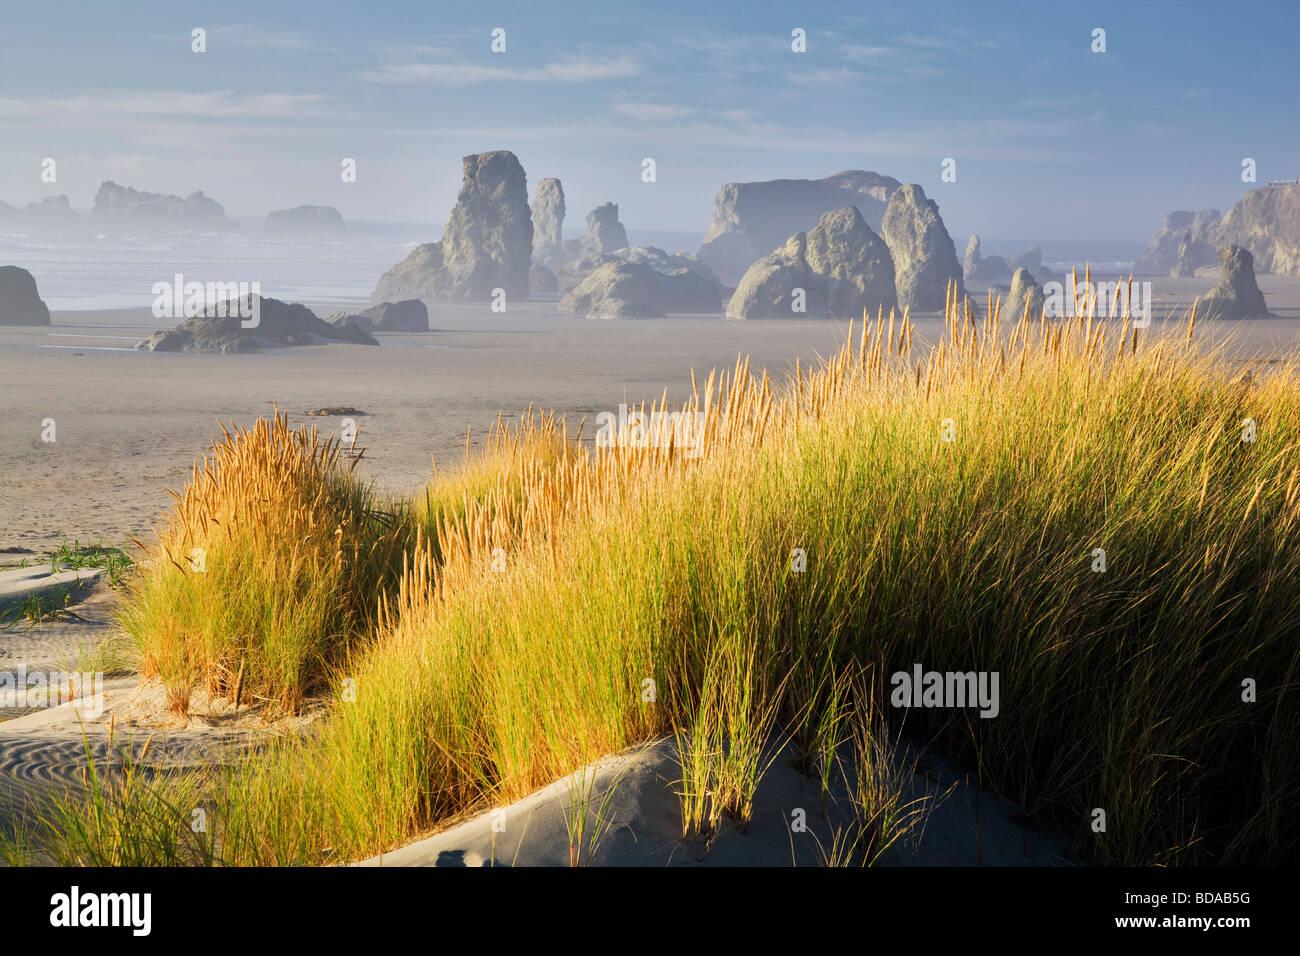 Dune grass and sea stacks at Bandon Beach Oregon - Stock Image